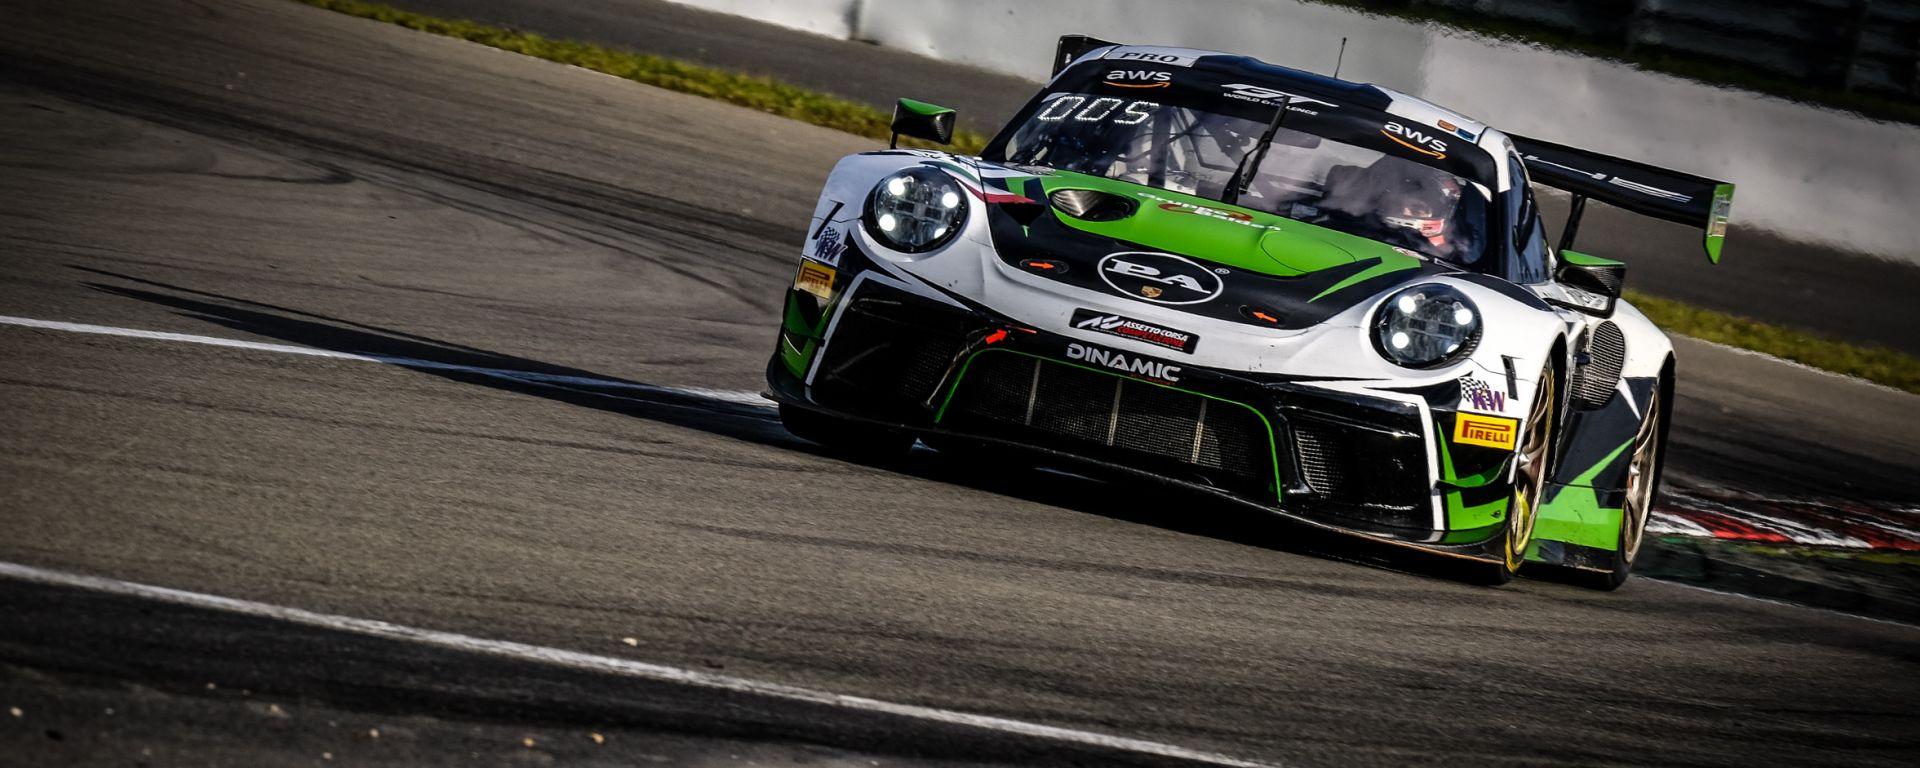 porsche 911 GT3 team Dinamic